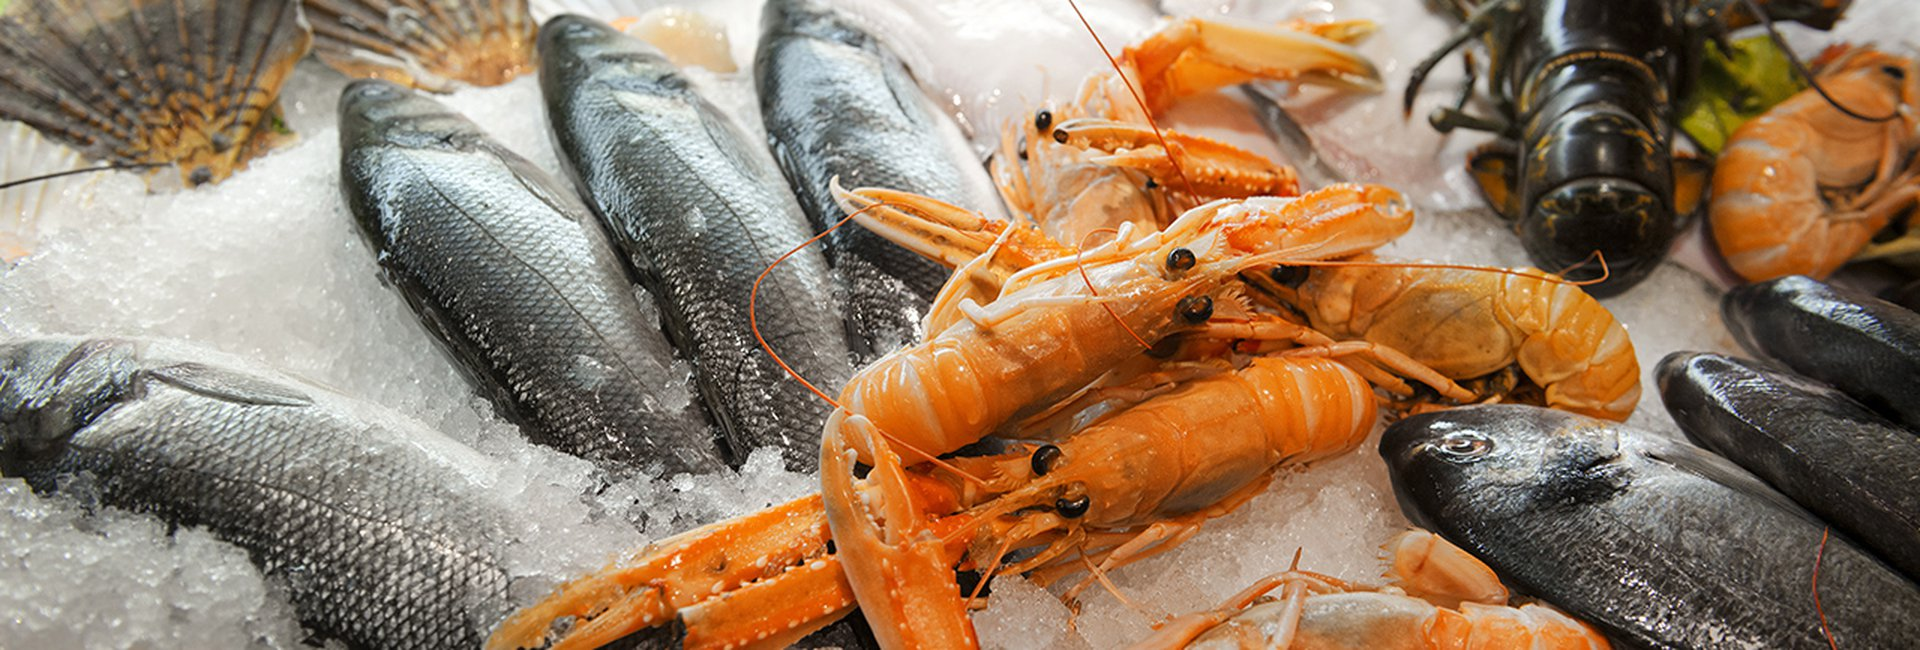 """""""Bí kíp"""" mua hải sản tươi ngon giá rẻ ở chợ Xóm Lưới, Vũng Tàu"""